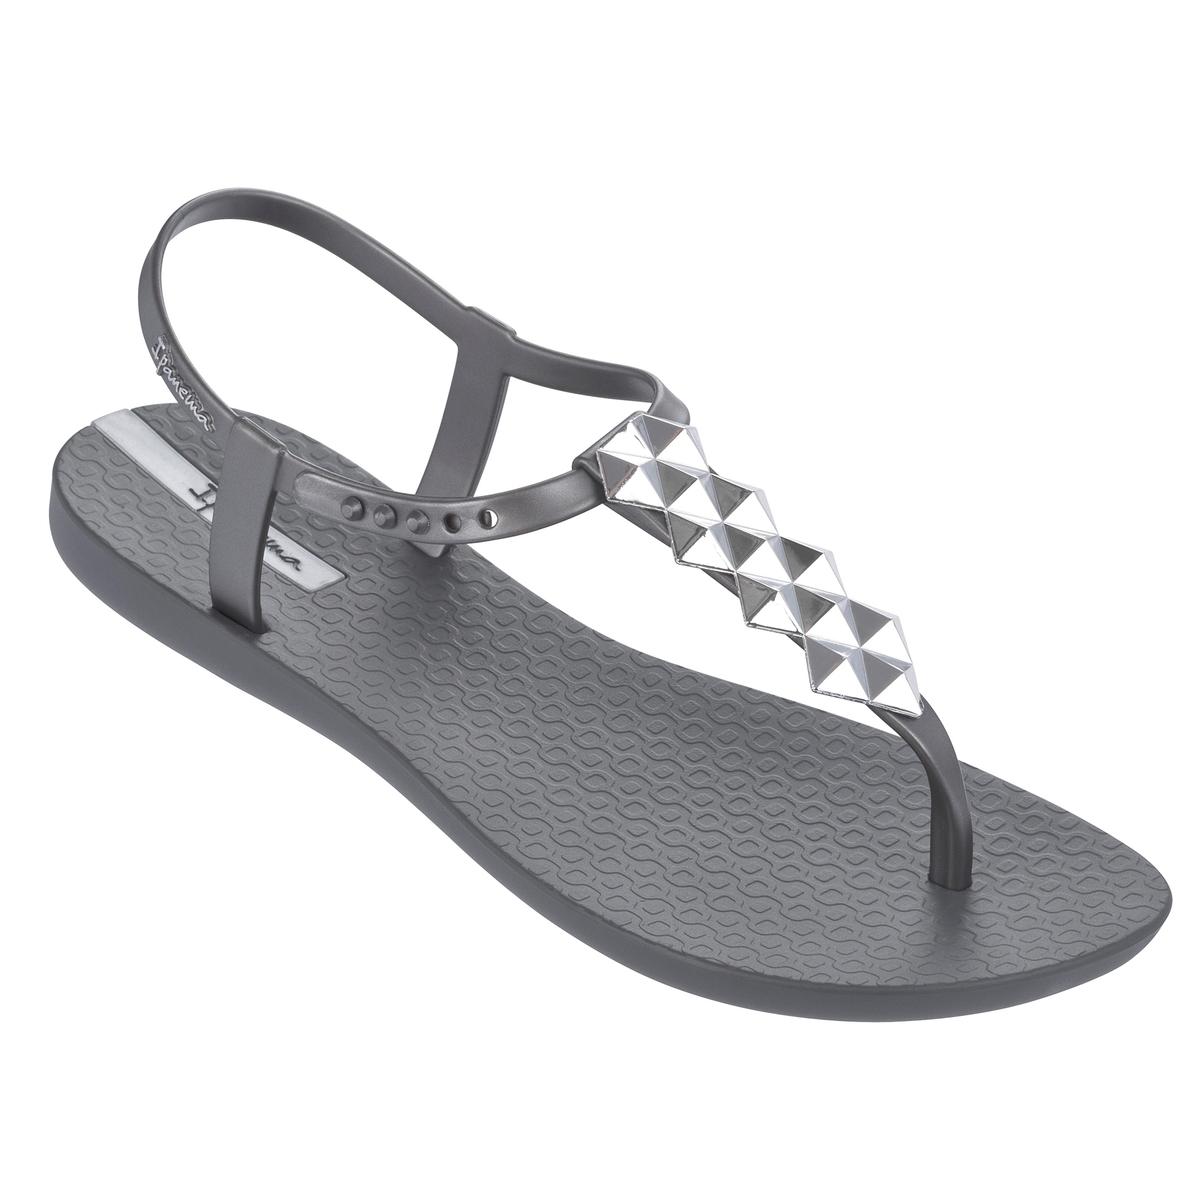 Босоножки Charm IIIВерх : Синтетический материал          Подошва : Синтетический материал         Форма каблука : плоский     Мысок : Открытый.     Застежка : Ремешок<br><br>Цвет: серый/ серебристый<br>Размер: 40